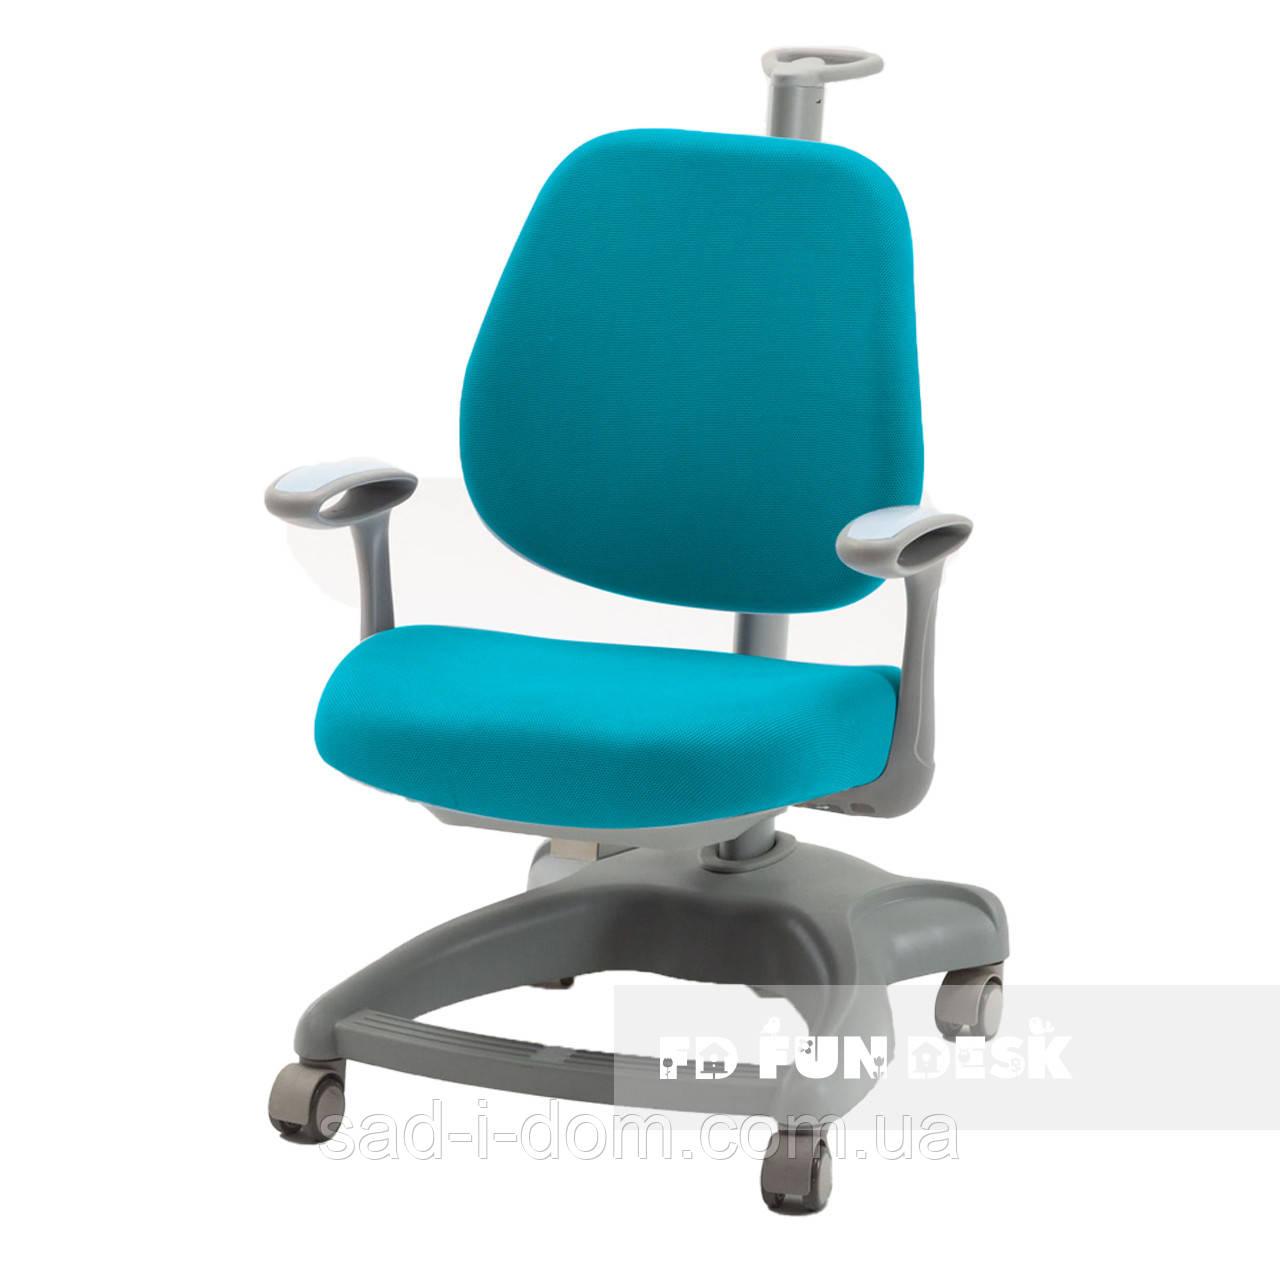 Ортопедическое  кресло FunDesk Delizia Mint